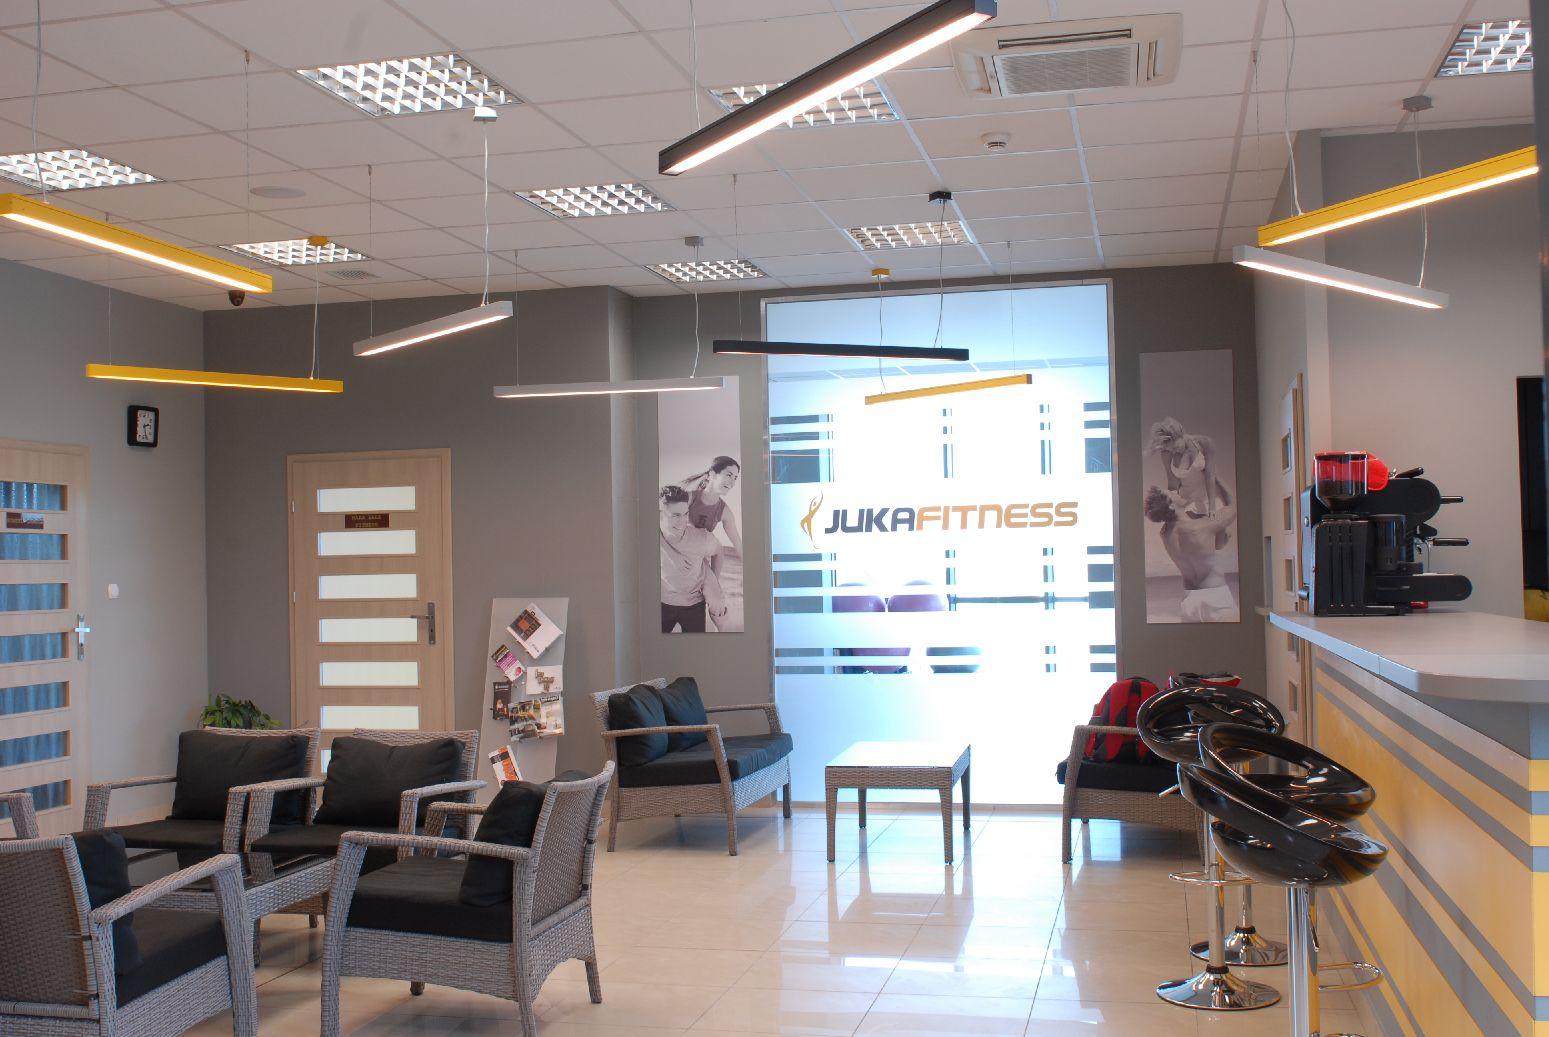 projekt_wnetrz_salonu_fitness.JPG